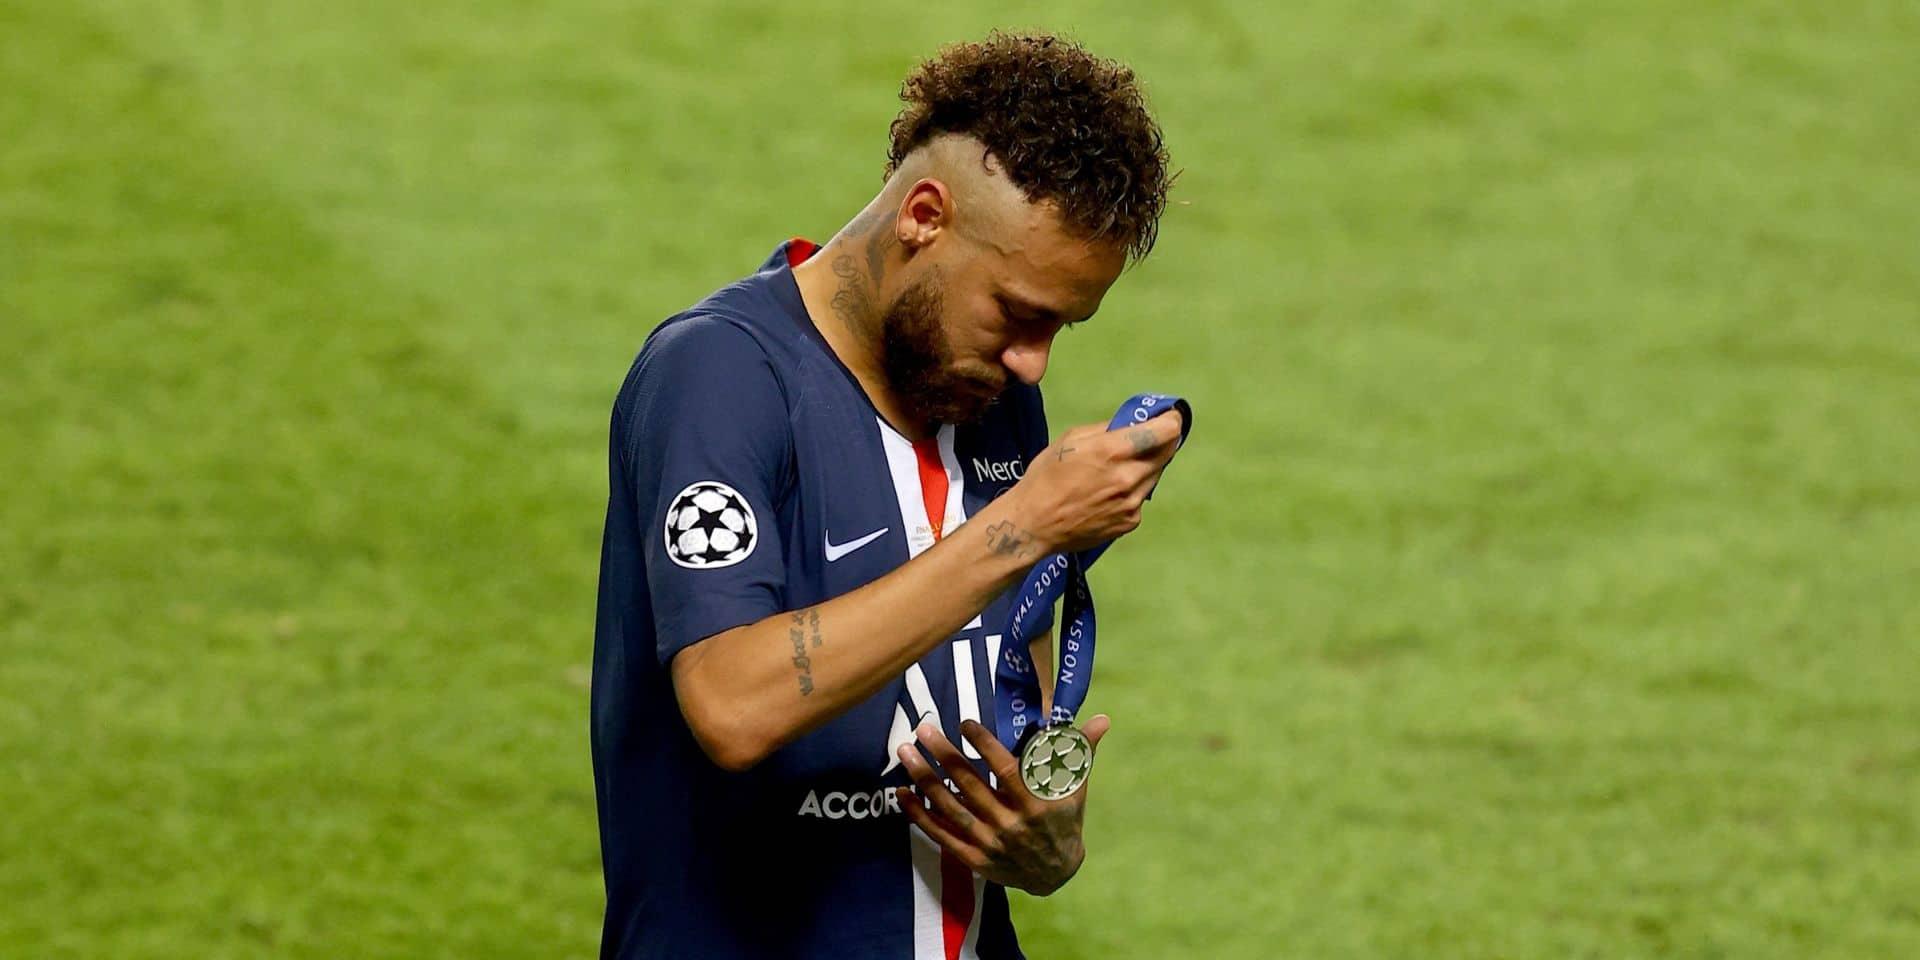 Les félicitations ratées de Neymar pour le Bayern Munich après la finale perdue